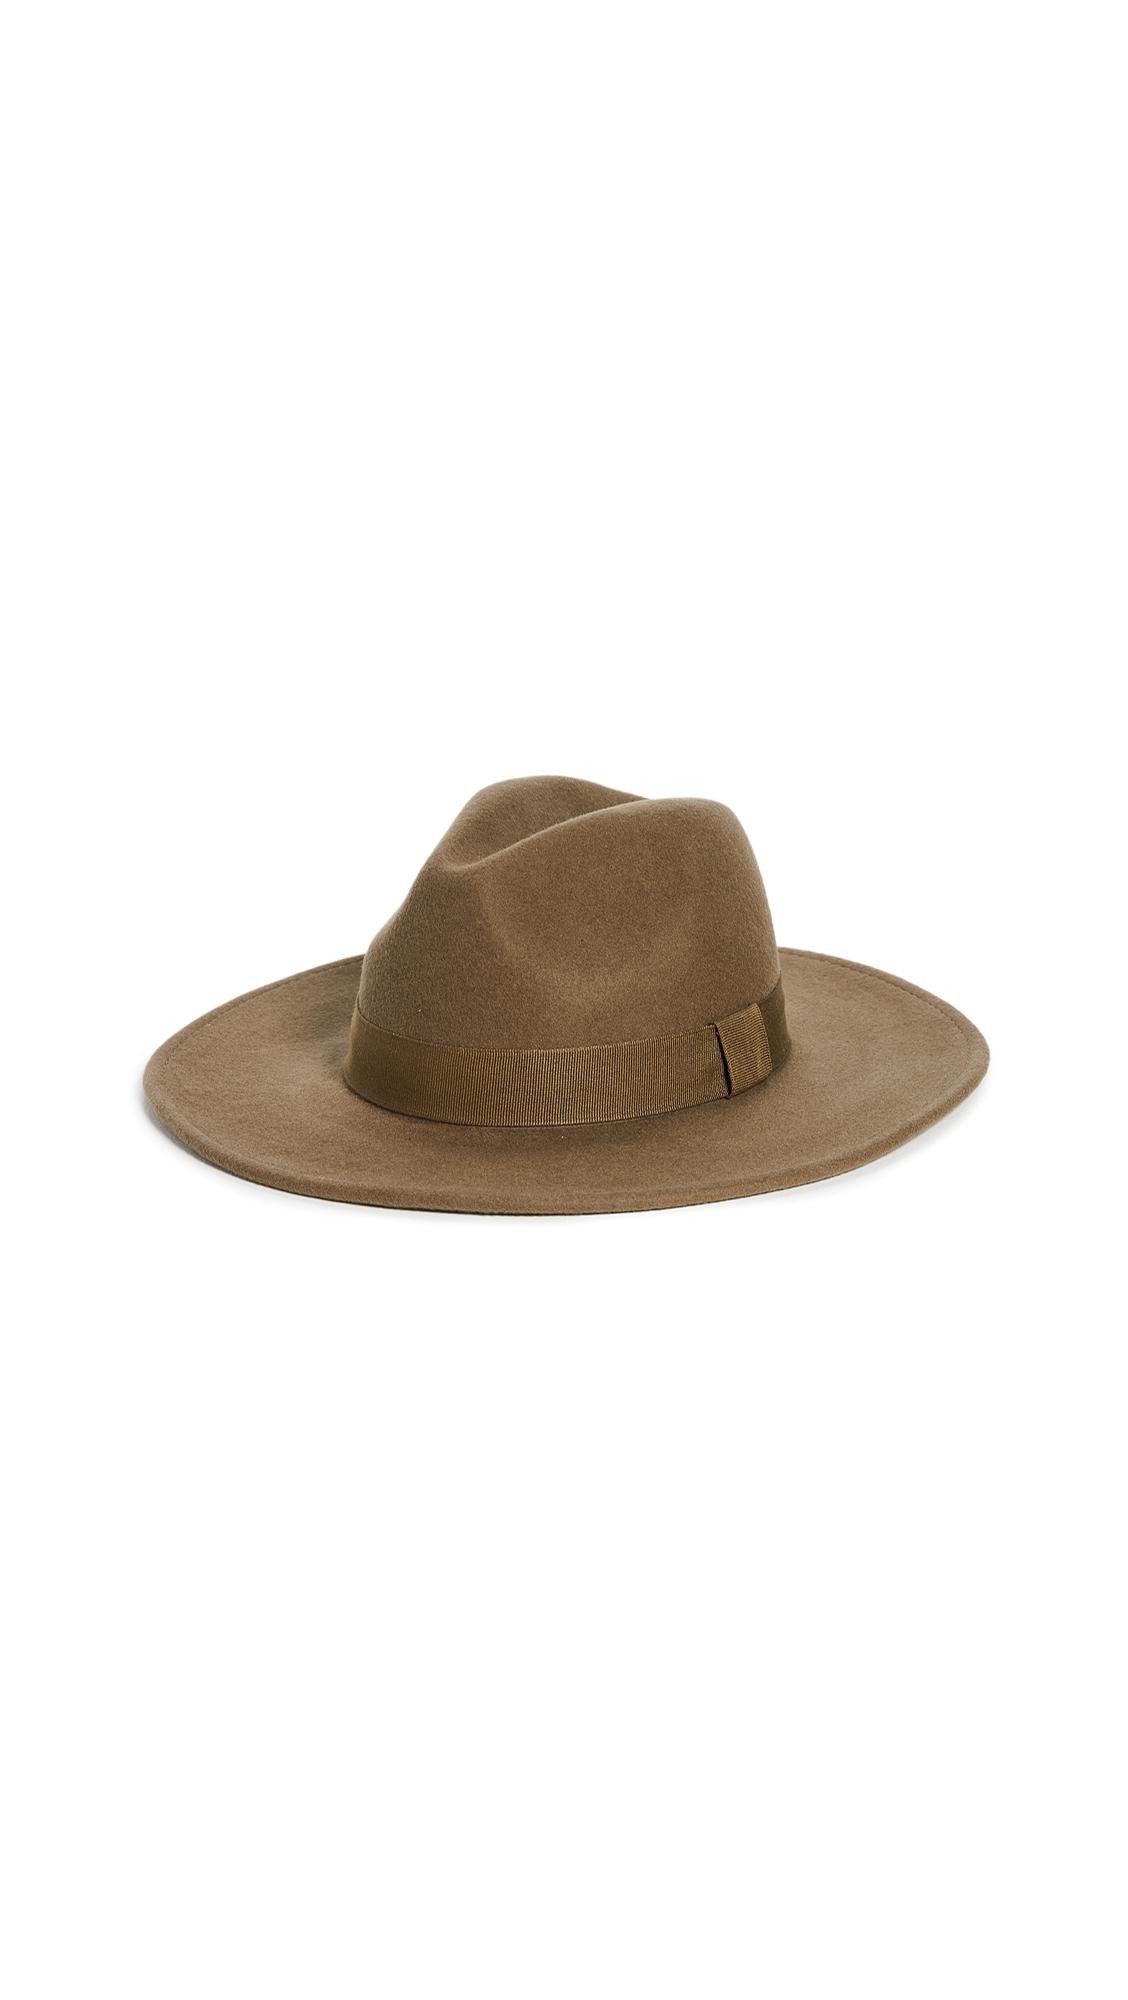 Madewell Simple Shaped Felt Hat